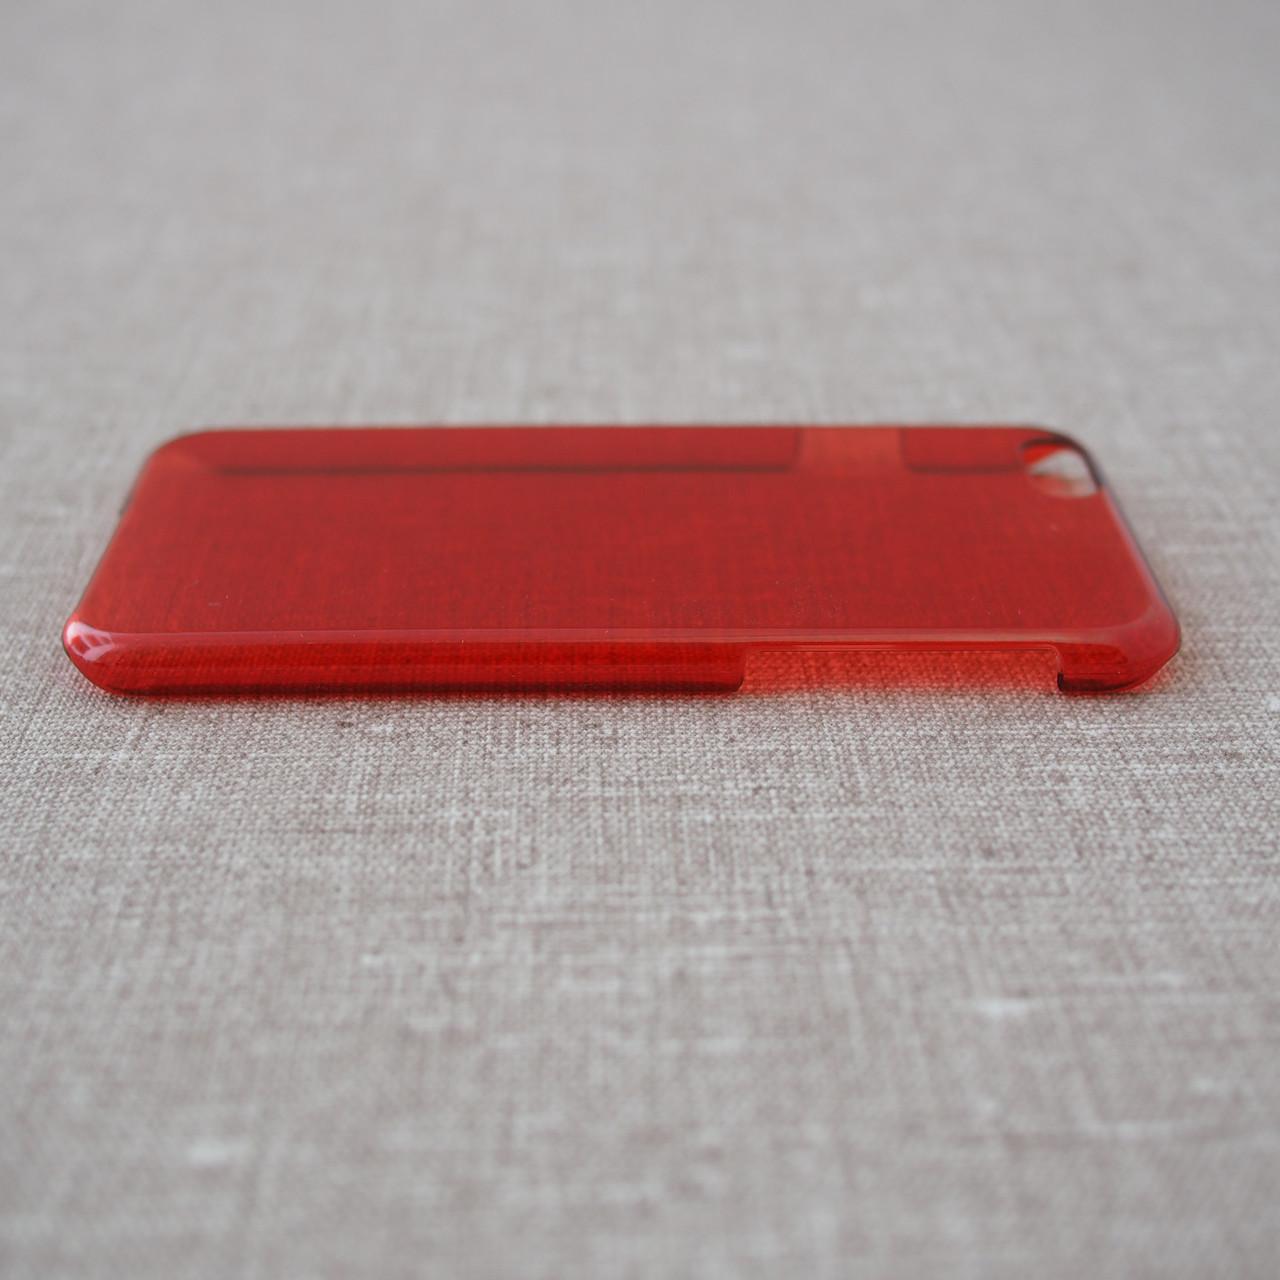 iPhone 6 red Для телефона Apple Красный